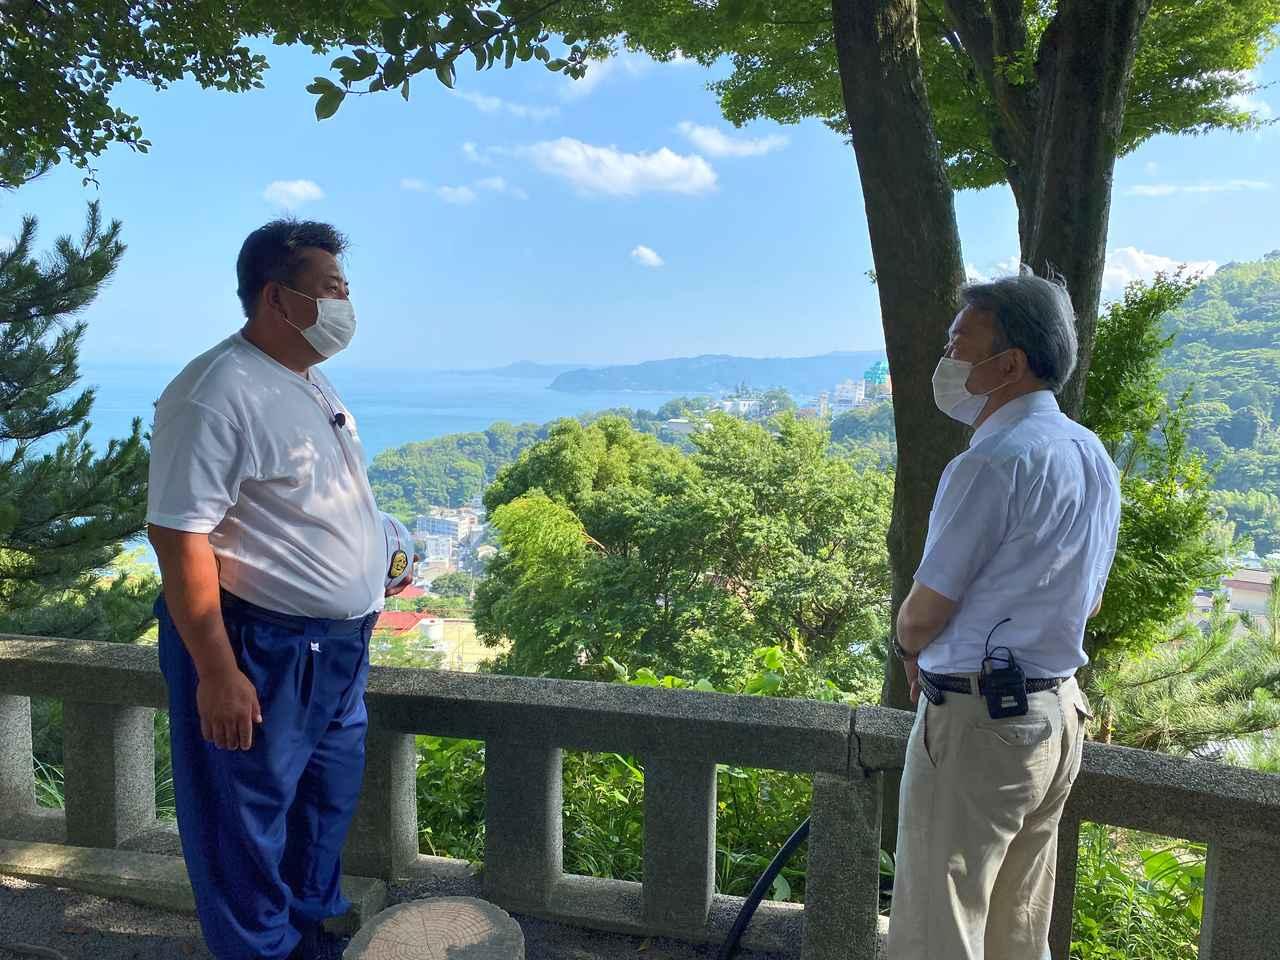 画像: 熱海市内の高台で、地元消防団員の松本早人さん(左)を取材する池上彰氏